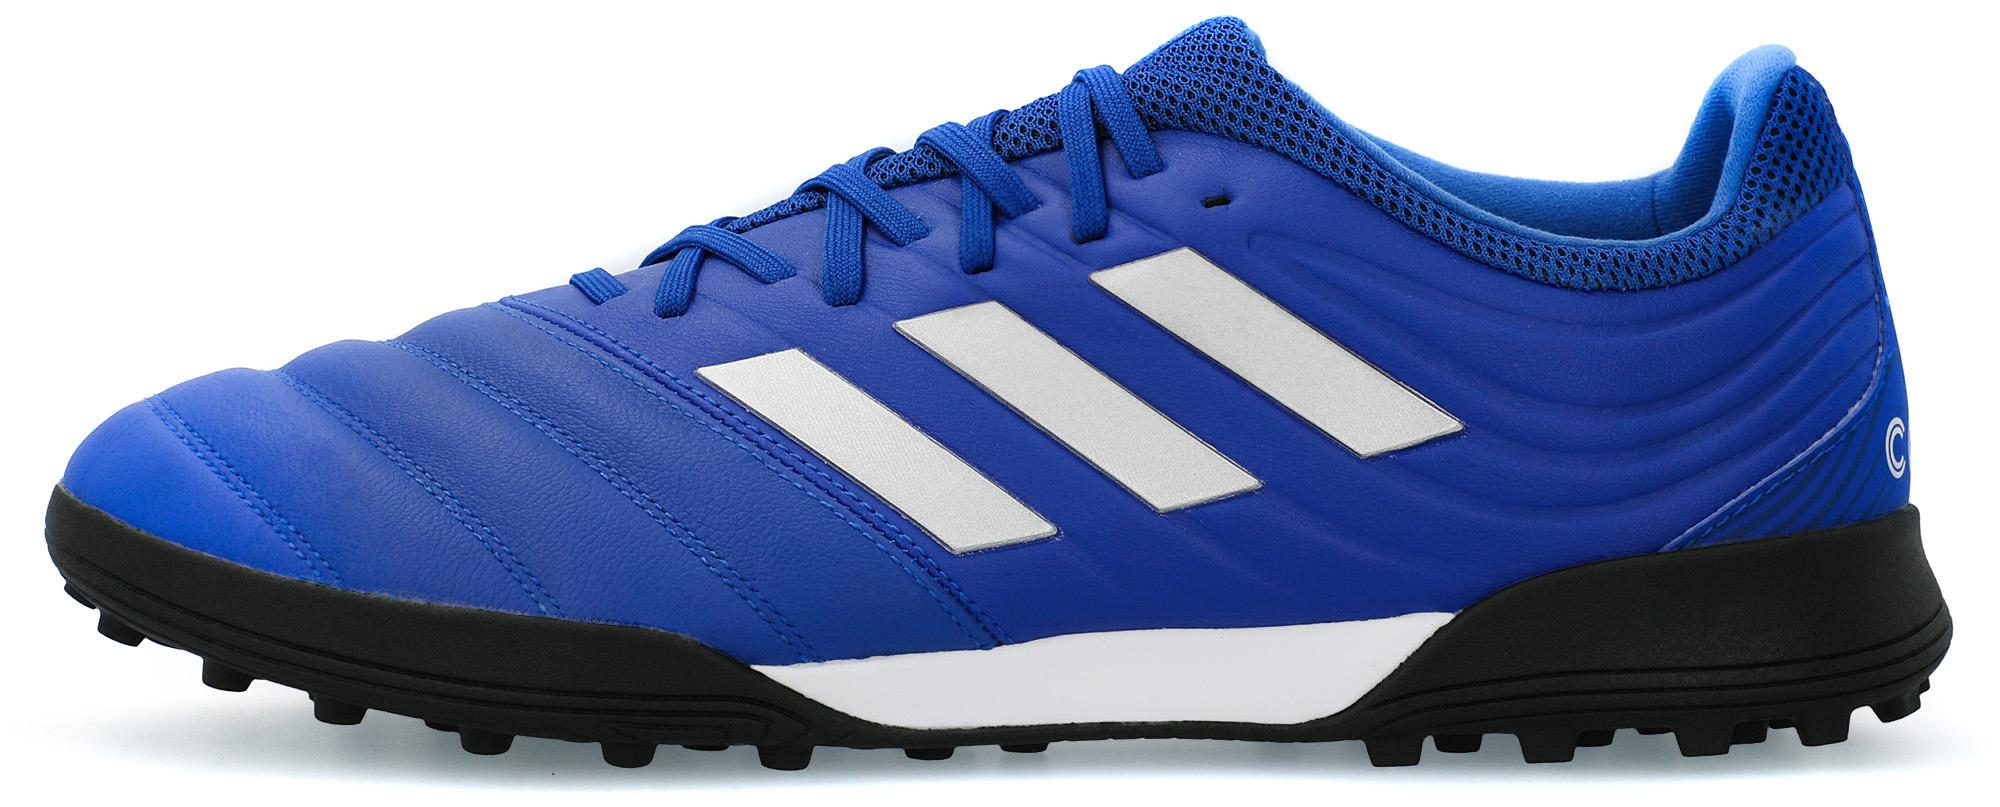 Бутсы мужские adidas Copa 20.3 TF, размер 40.5 adidas бутсы для мальчиков adidas copa 20 3 fg j размер 37